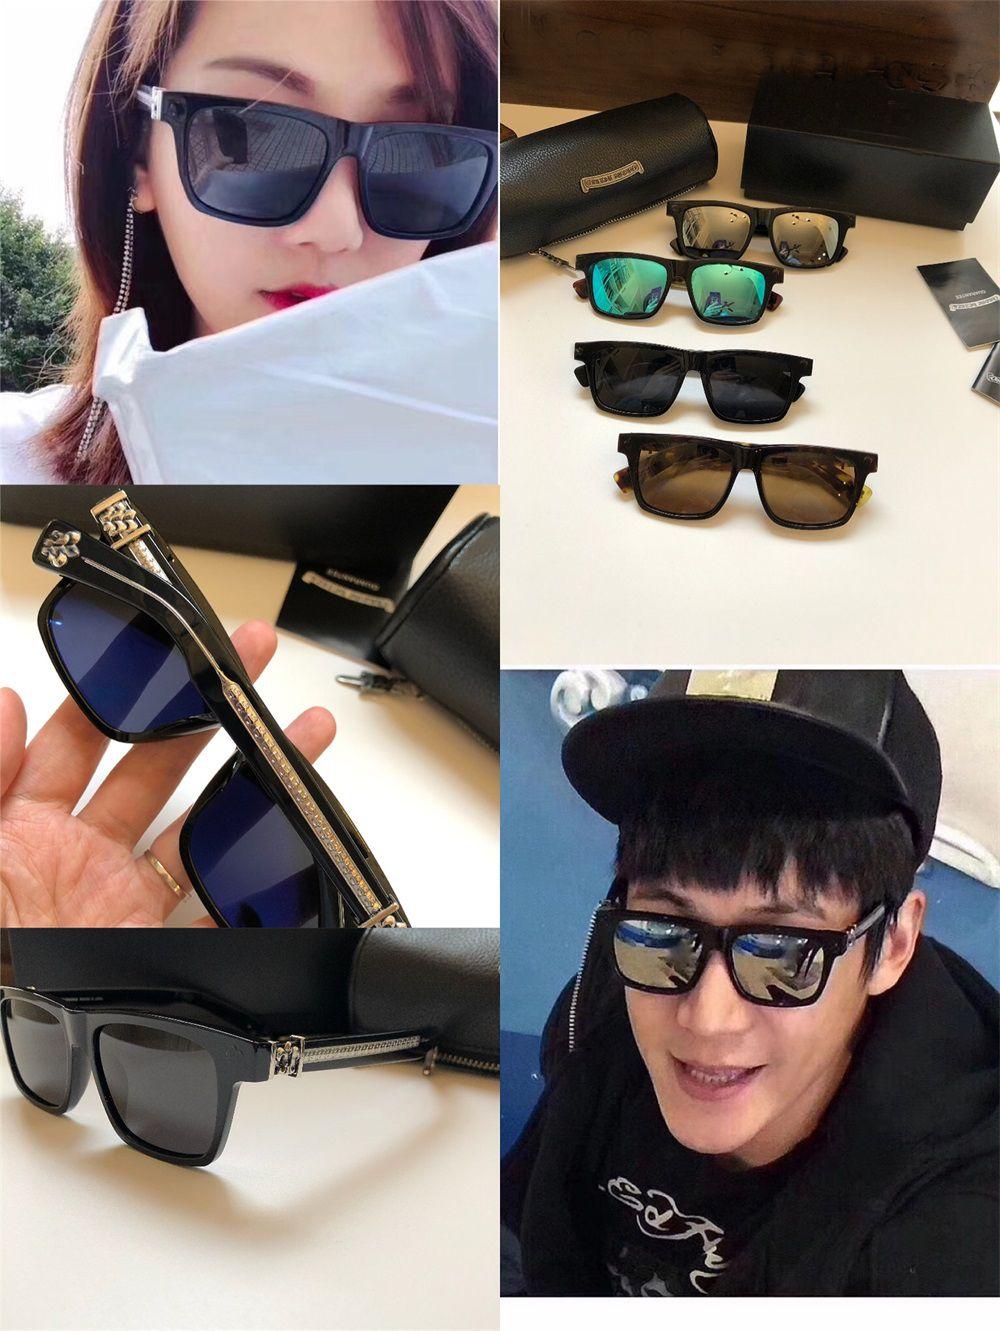 Новые популярные ретро мужские солнцезащитные очки, ORALOVER панк-стиль дизайнер ретро квадратную рамку с кожаным покрытием коробка анти-UV400 BOXLUNCH